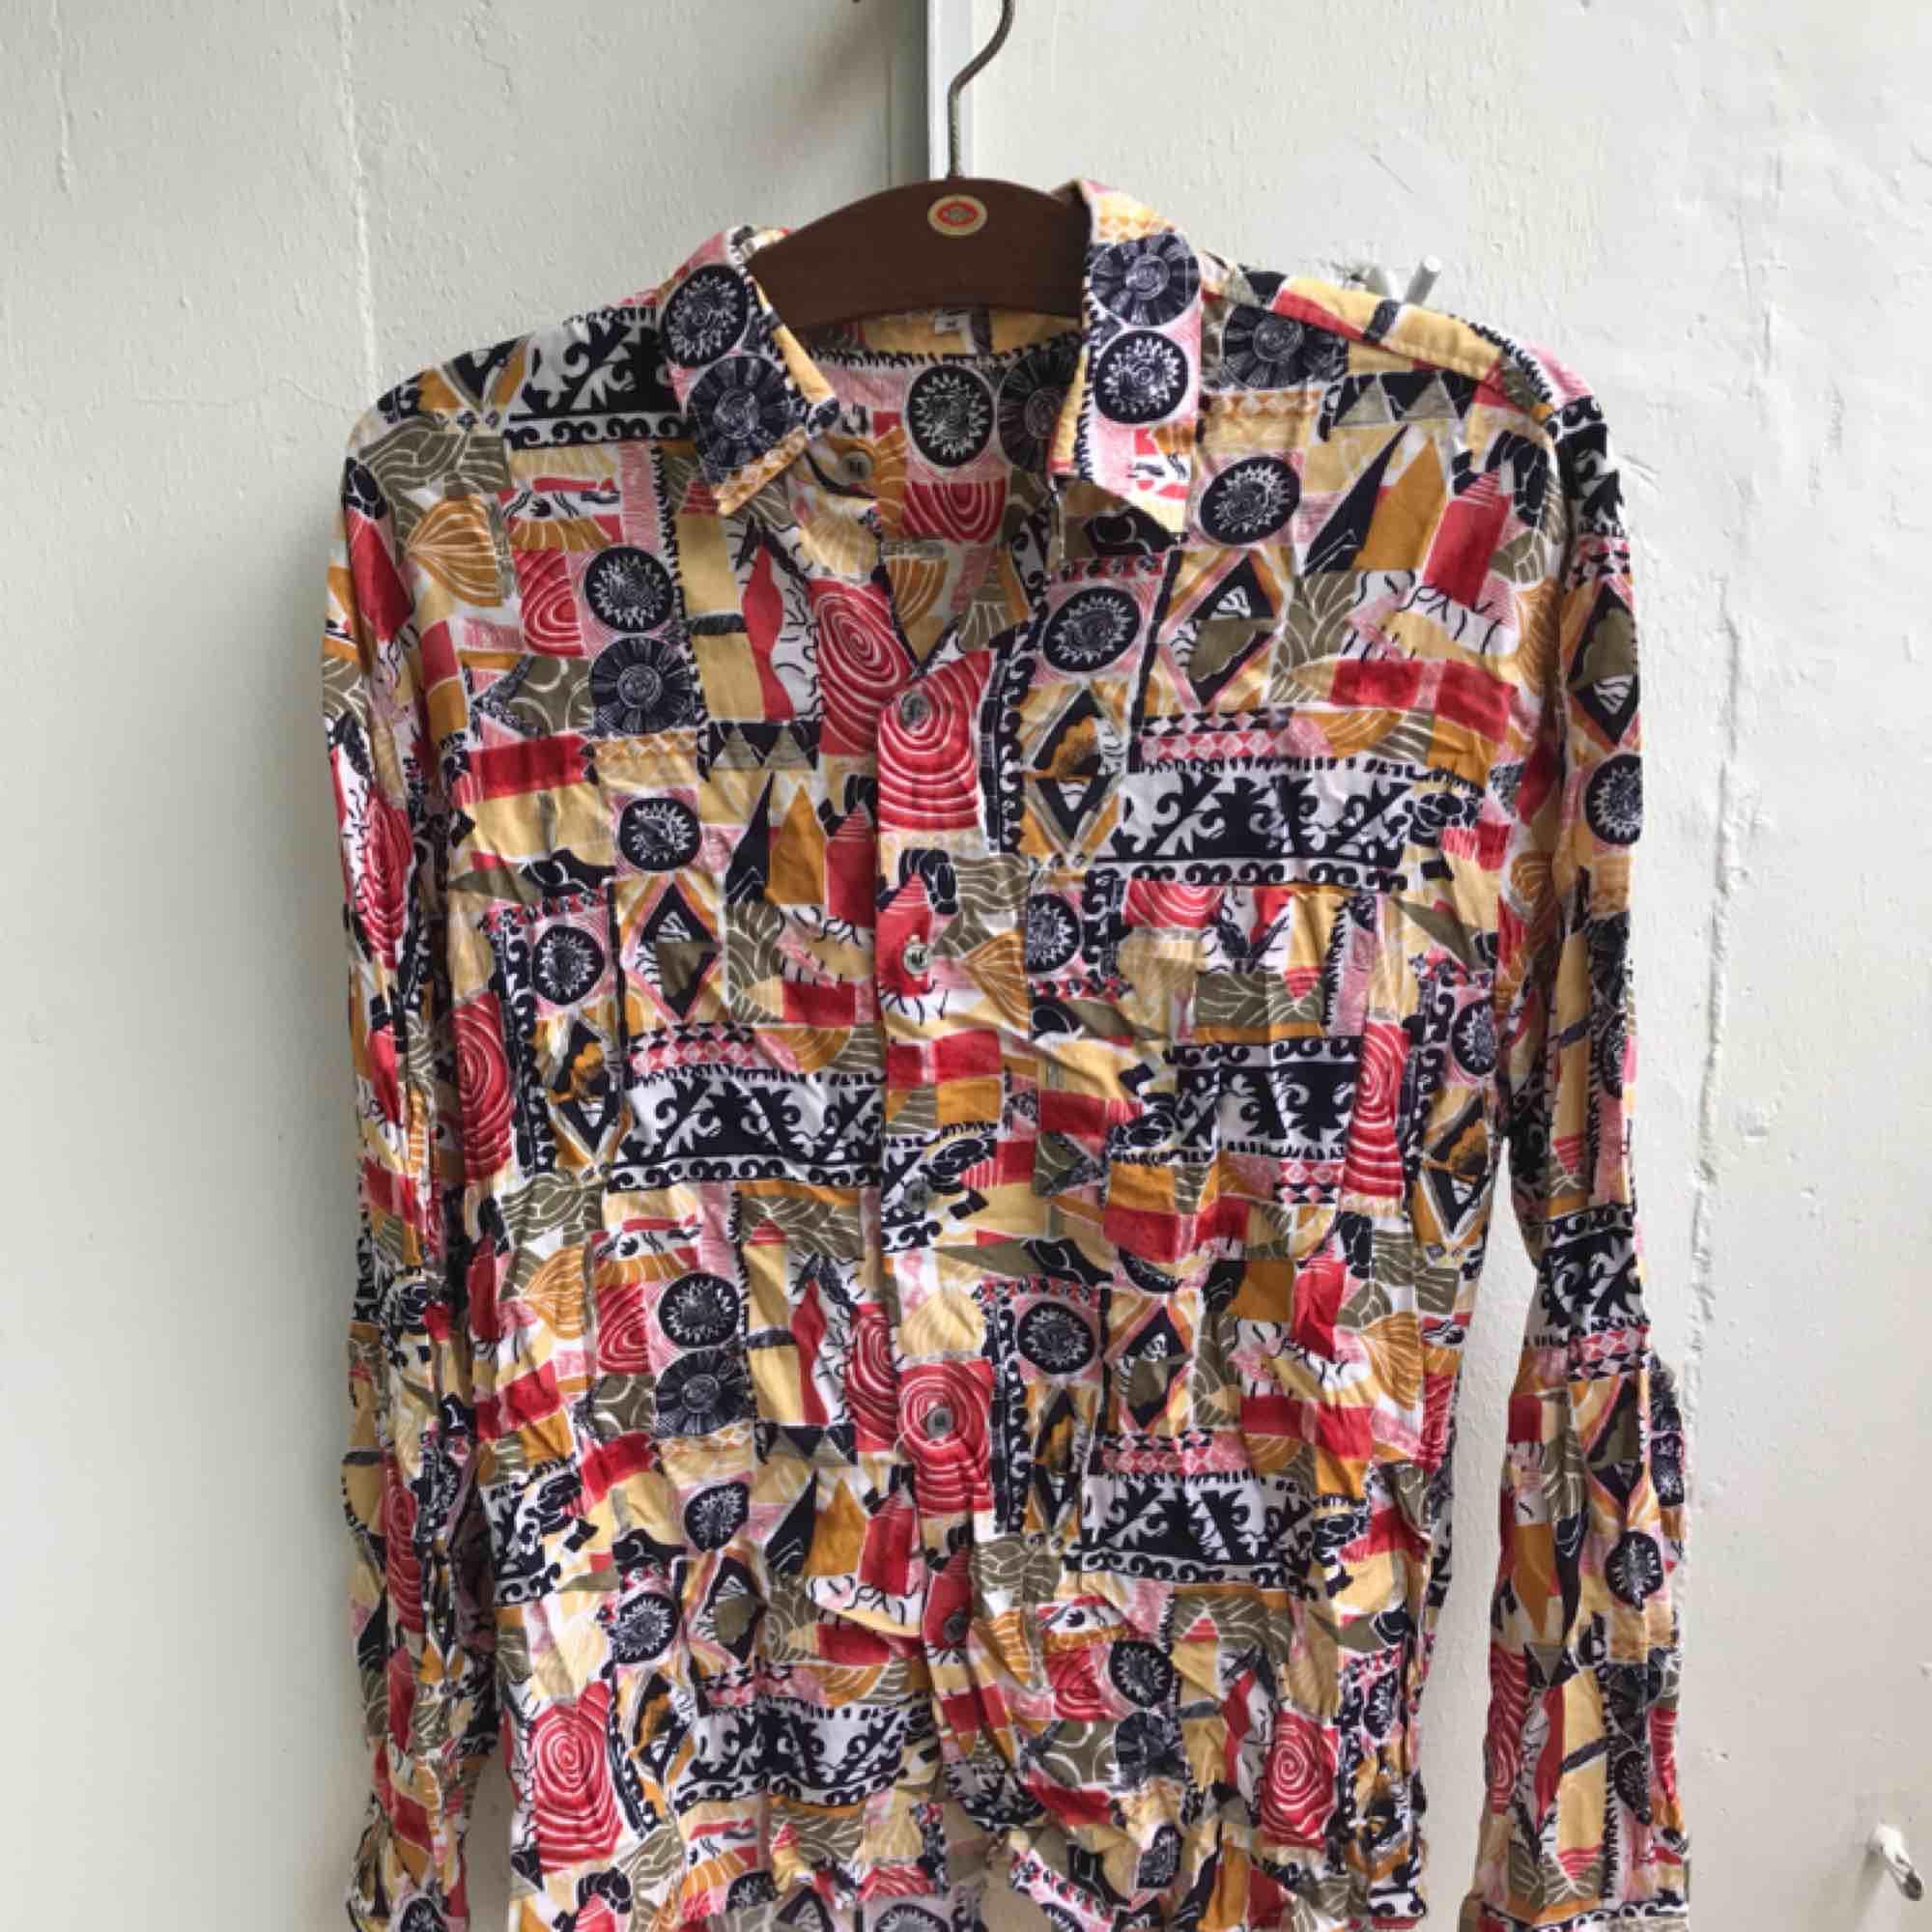 Skjorta med mönster. Skjortor.